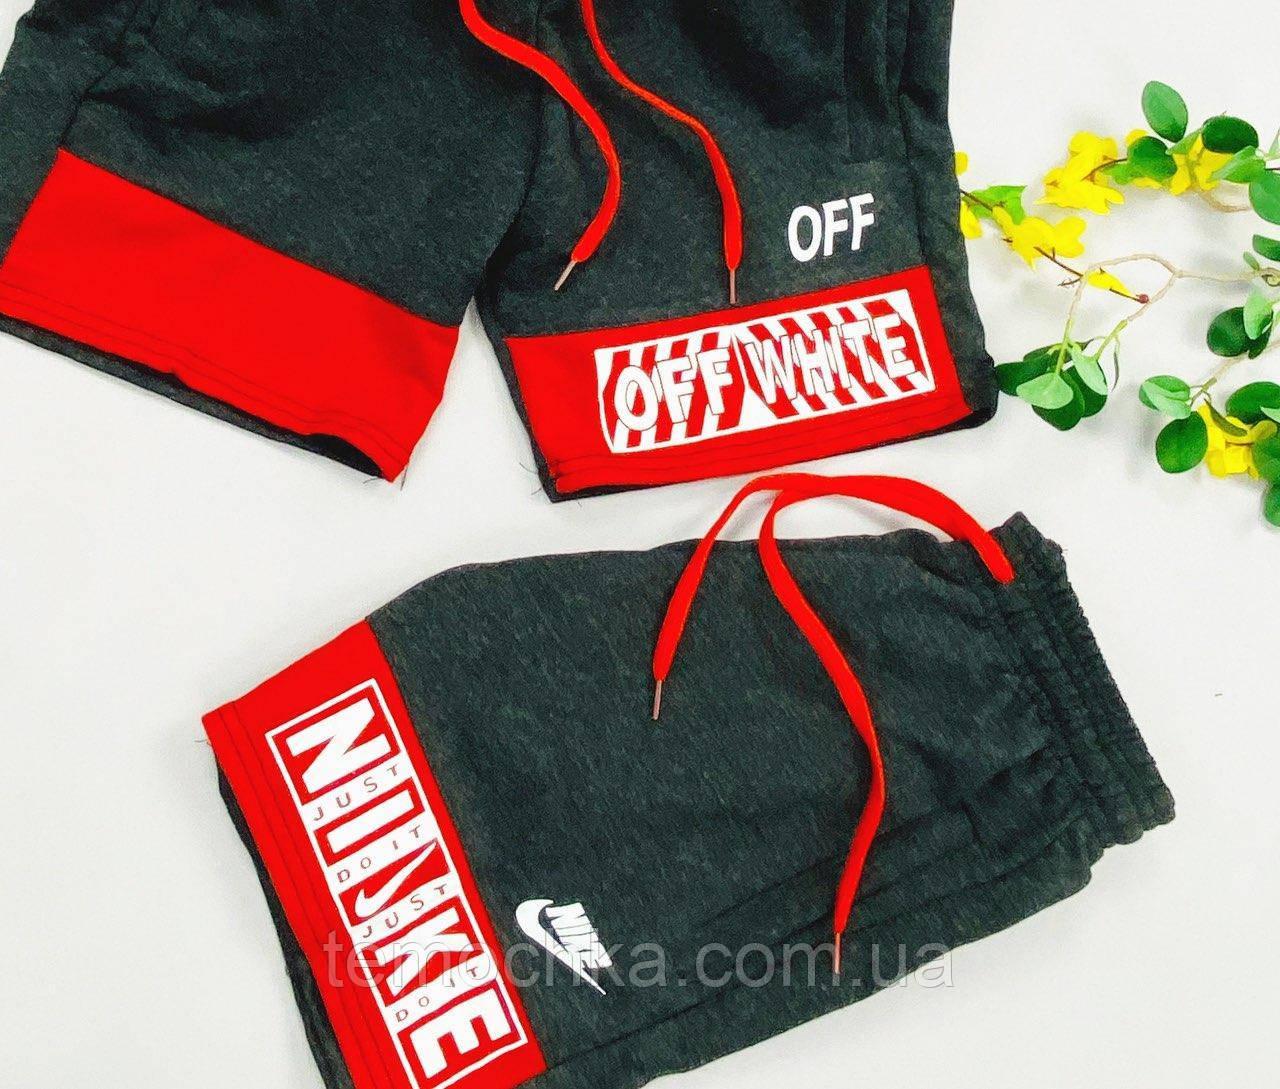 Шорти літні чорні і сірі з червоним для хлопчика Офф Вайт